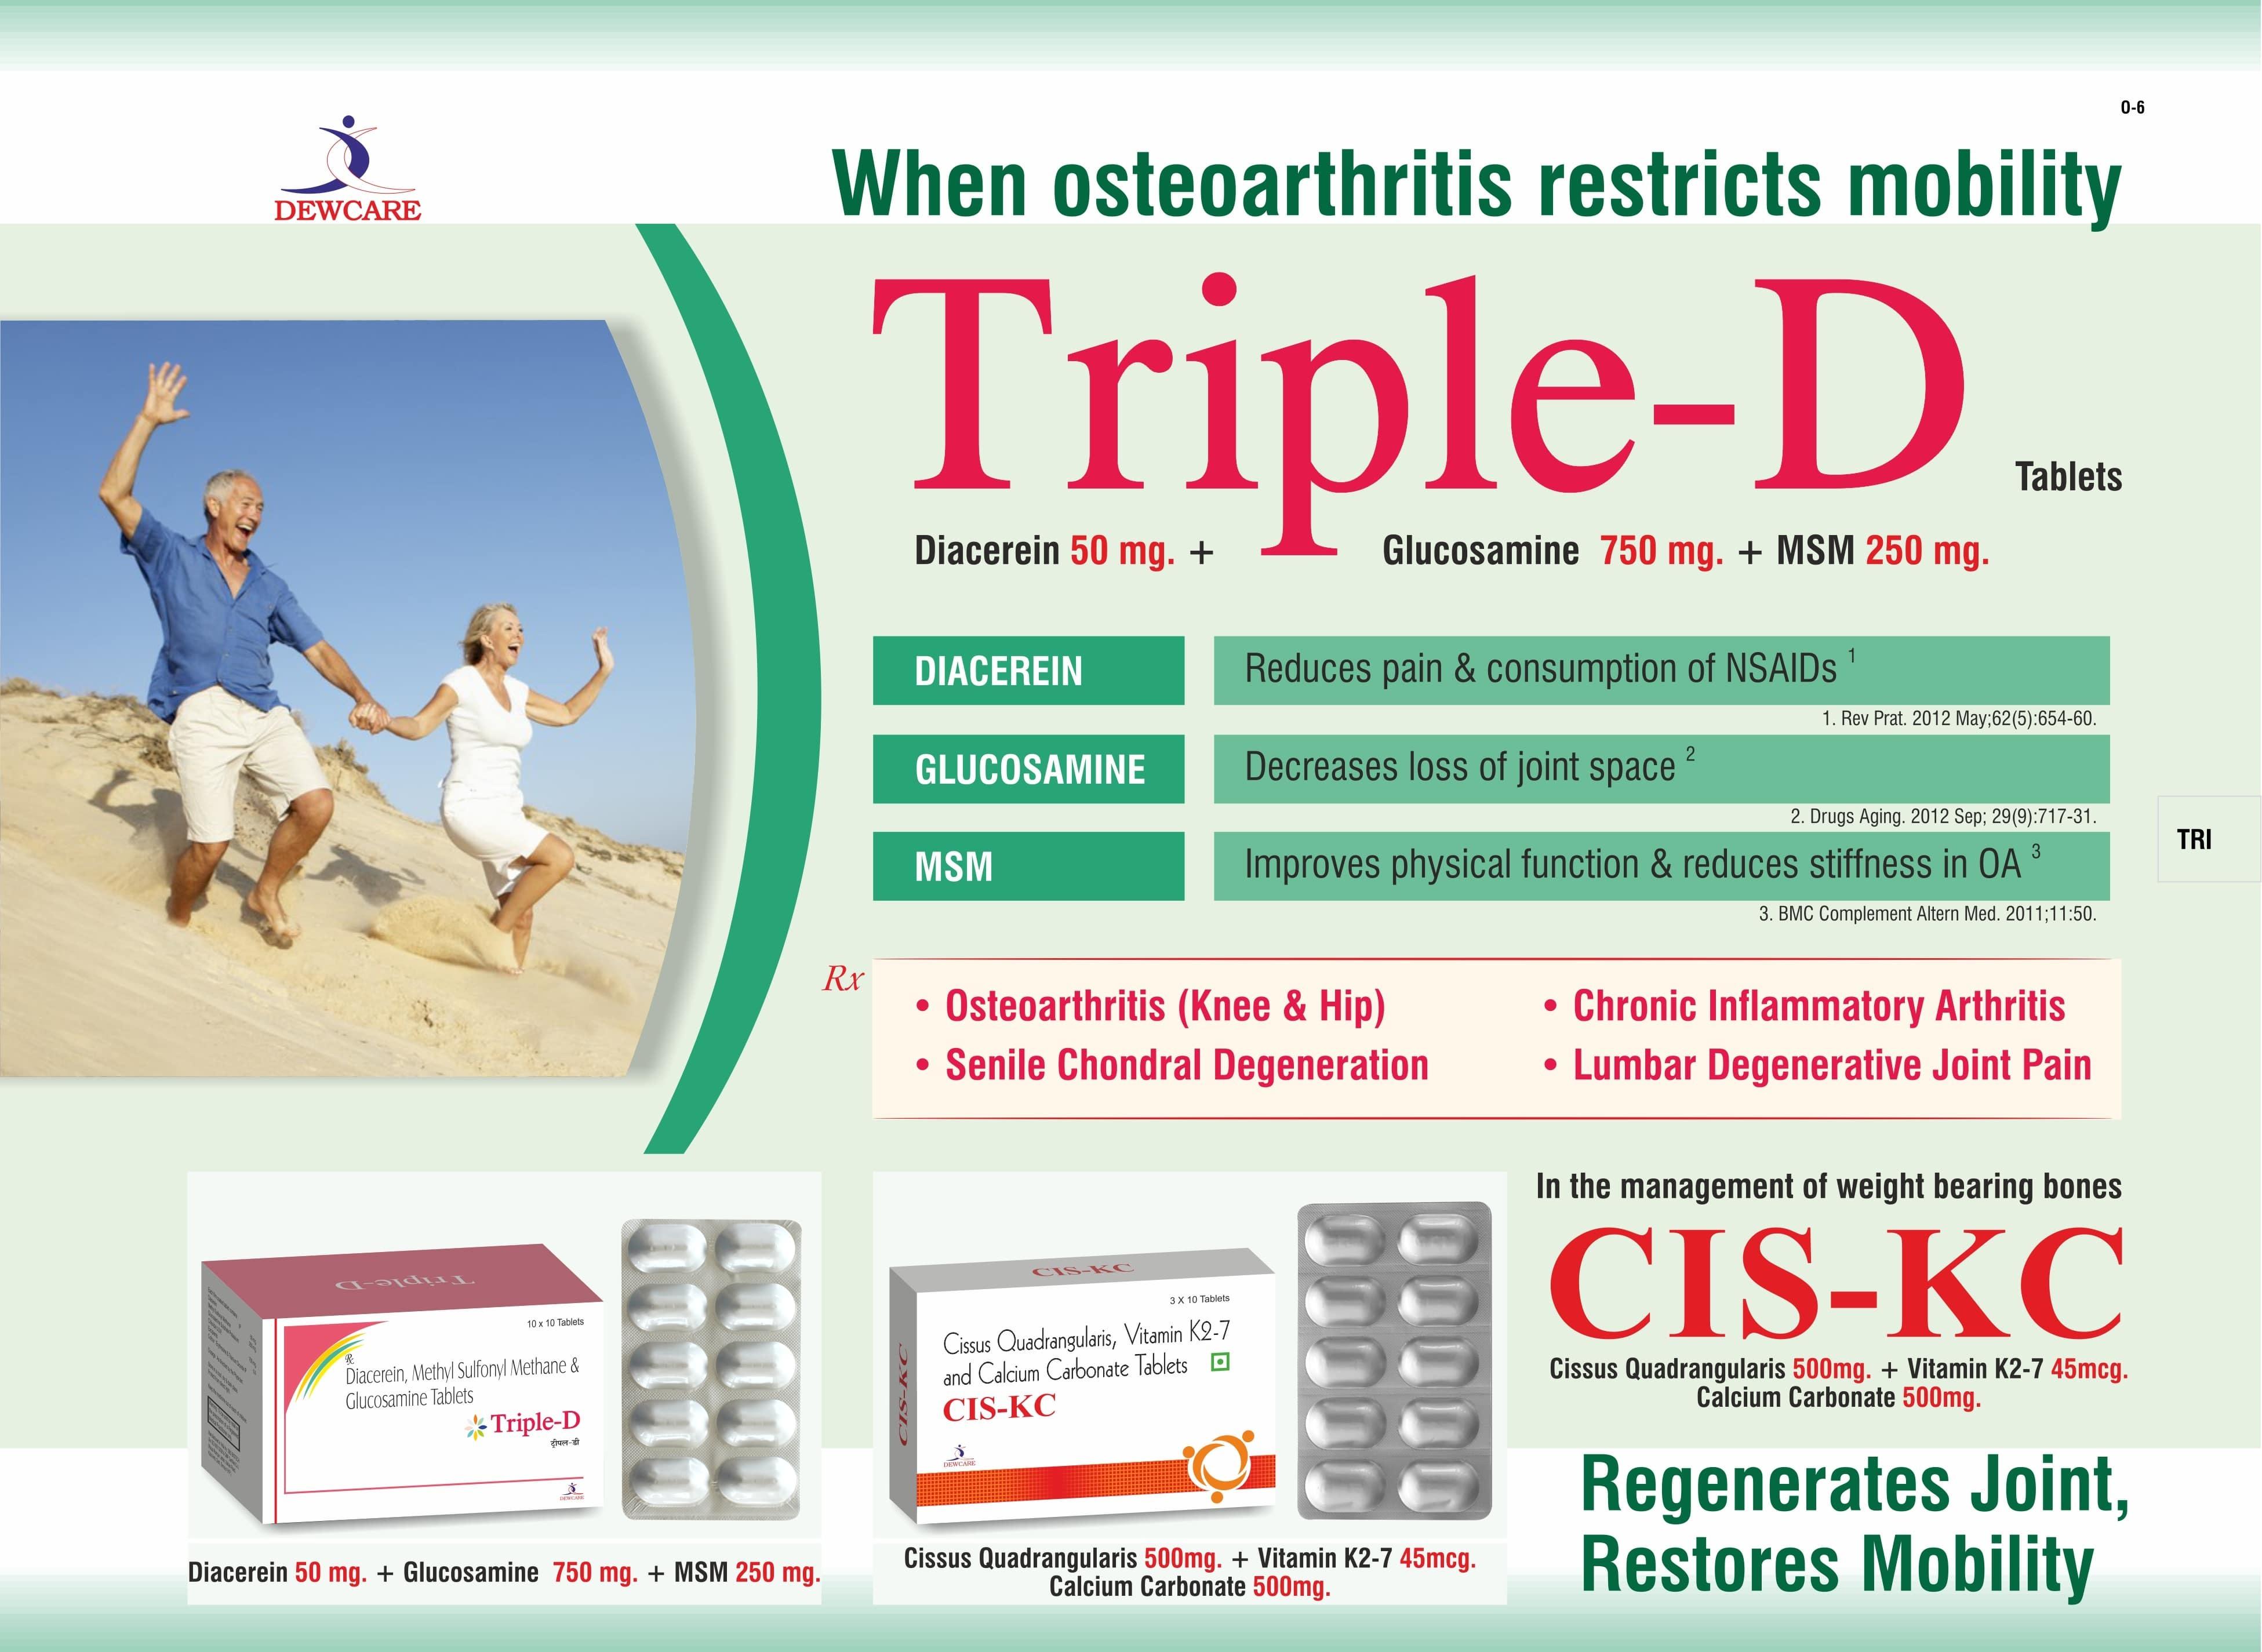 Triple- D Tablets